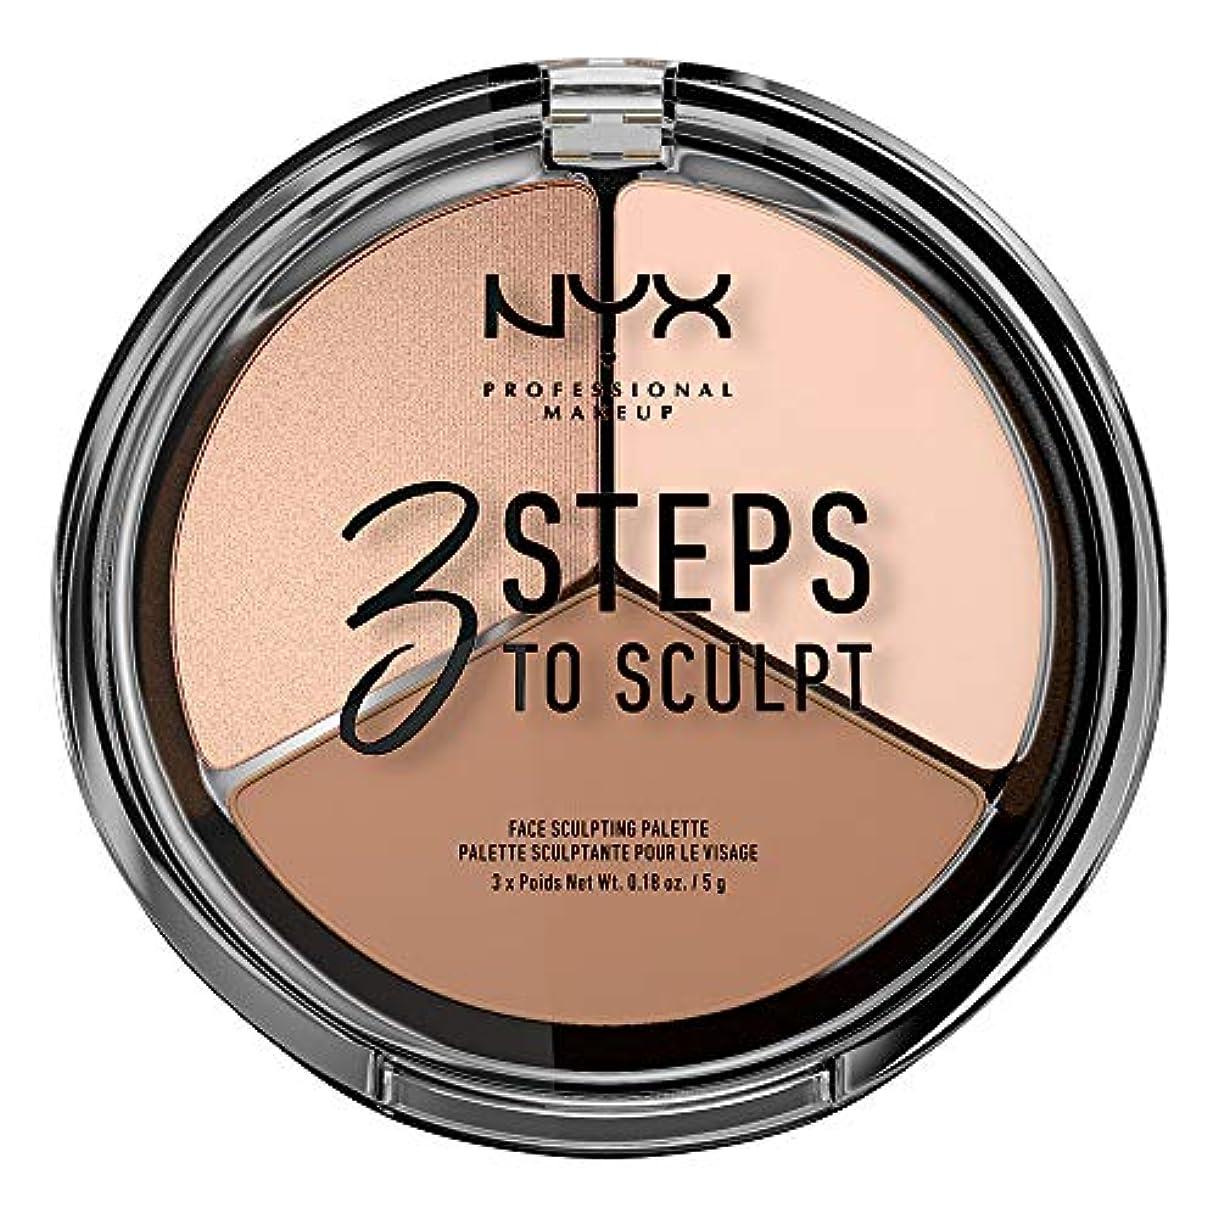 くしゃくしゃ論理的にうまくやる()NYX(ニックス) 3ステップス トゥー スカルプト フェイス スカルプティング パレット 01 カラーフェア